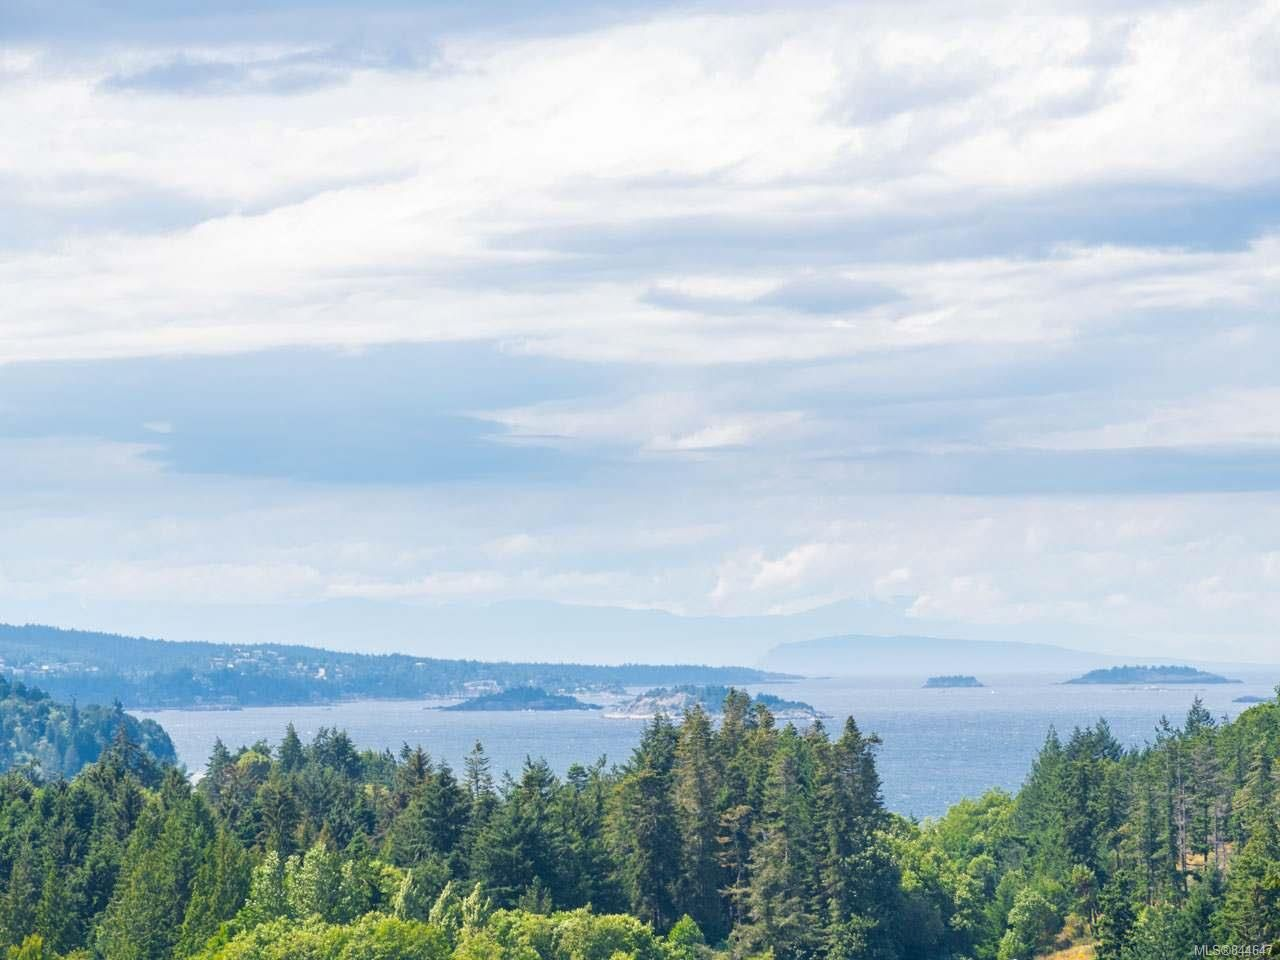 Photo 56: Photos: 4576 Laguna Way in NANAIMO: Na North Nanaimo House for sale (Nanaimo)  : MLS®# 844647